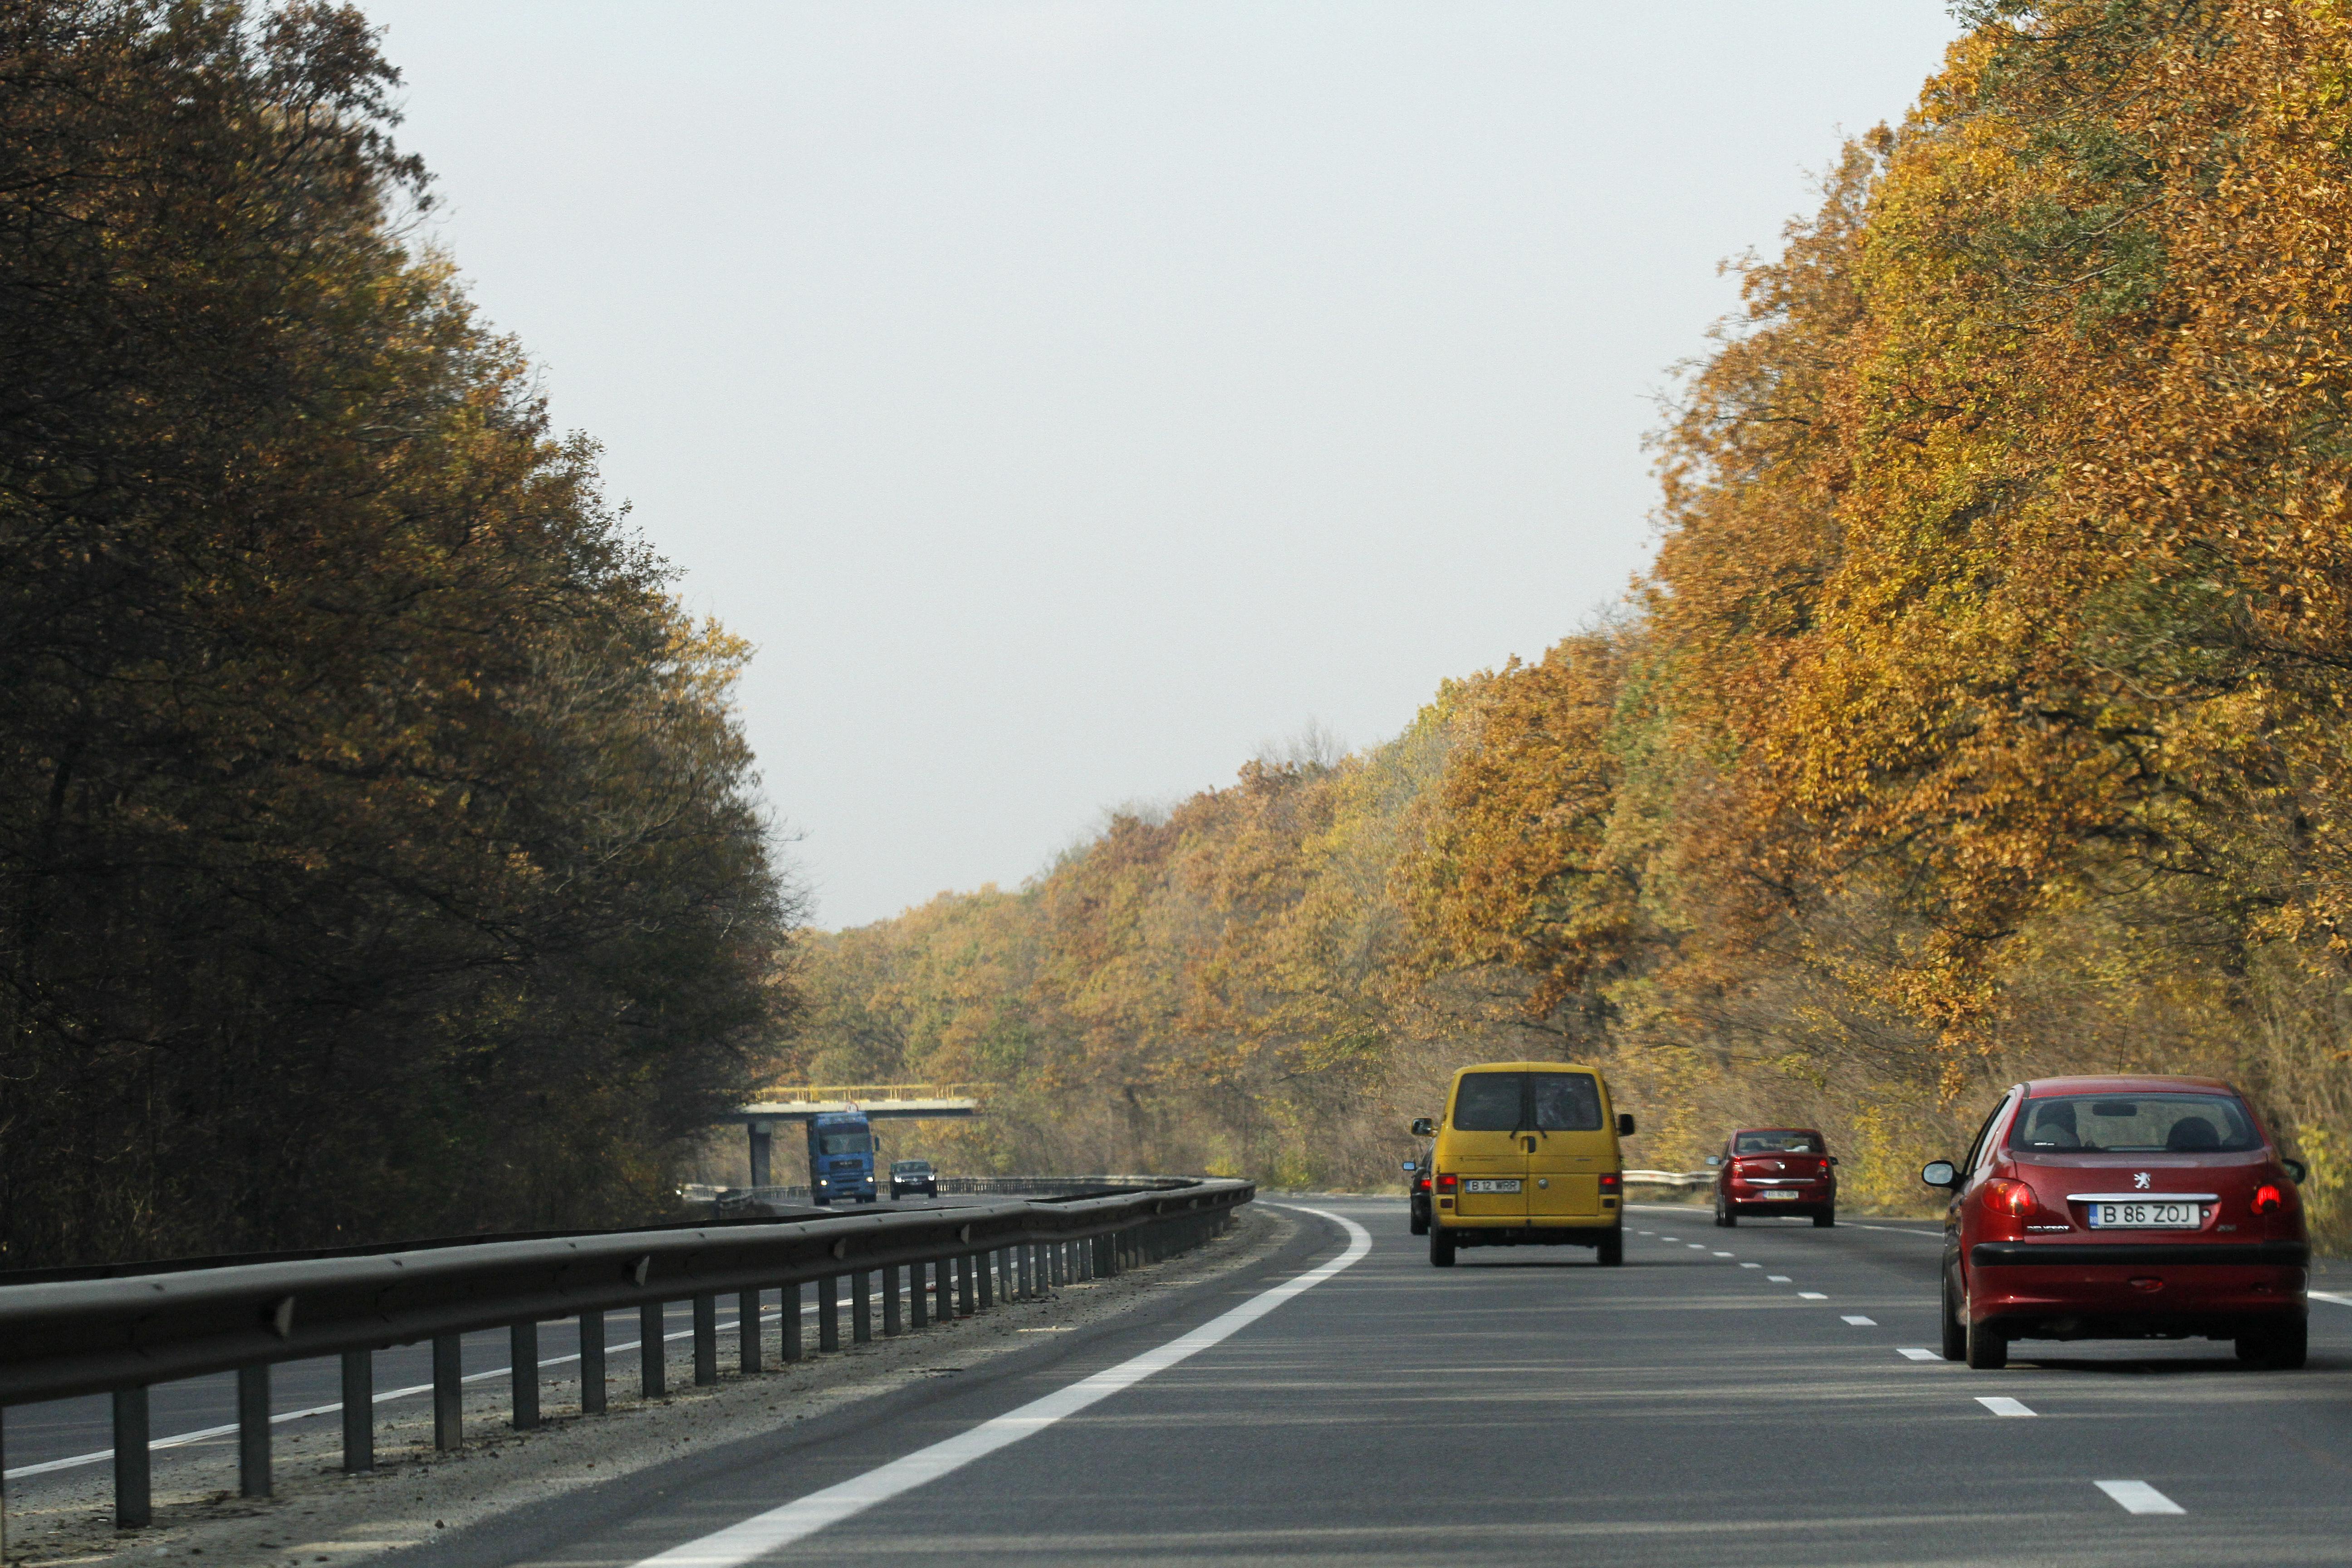 Incendiu de vegetatie pe A1. Circulatia se desfasoara cu greutate pe sensul Bucuresti - Pitesti